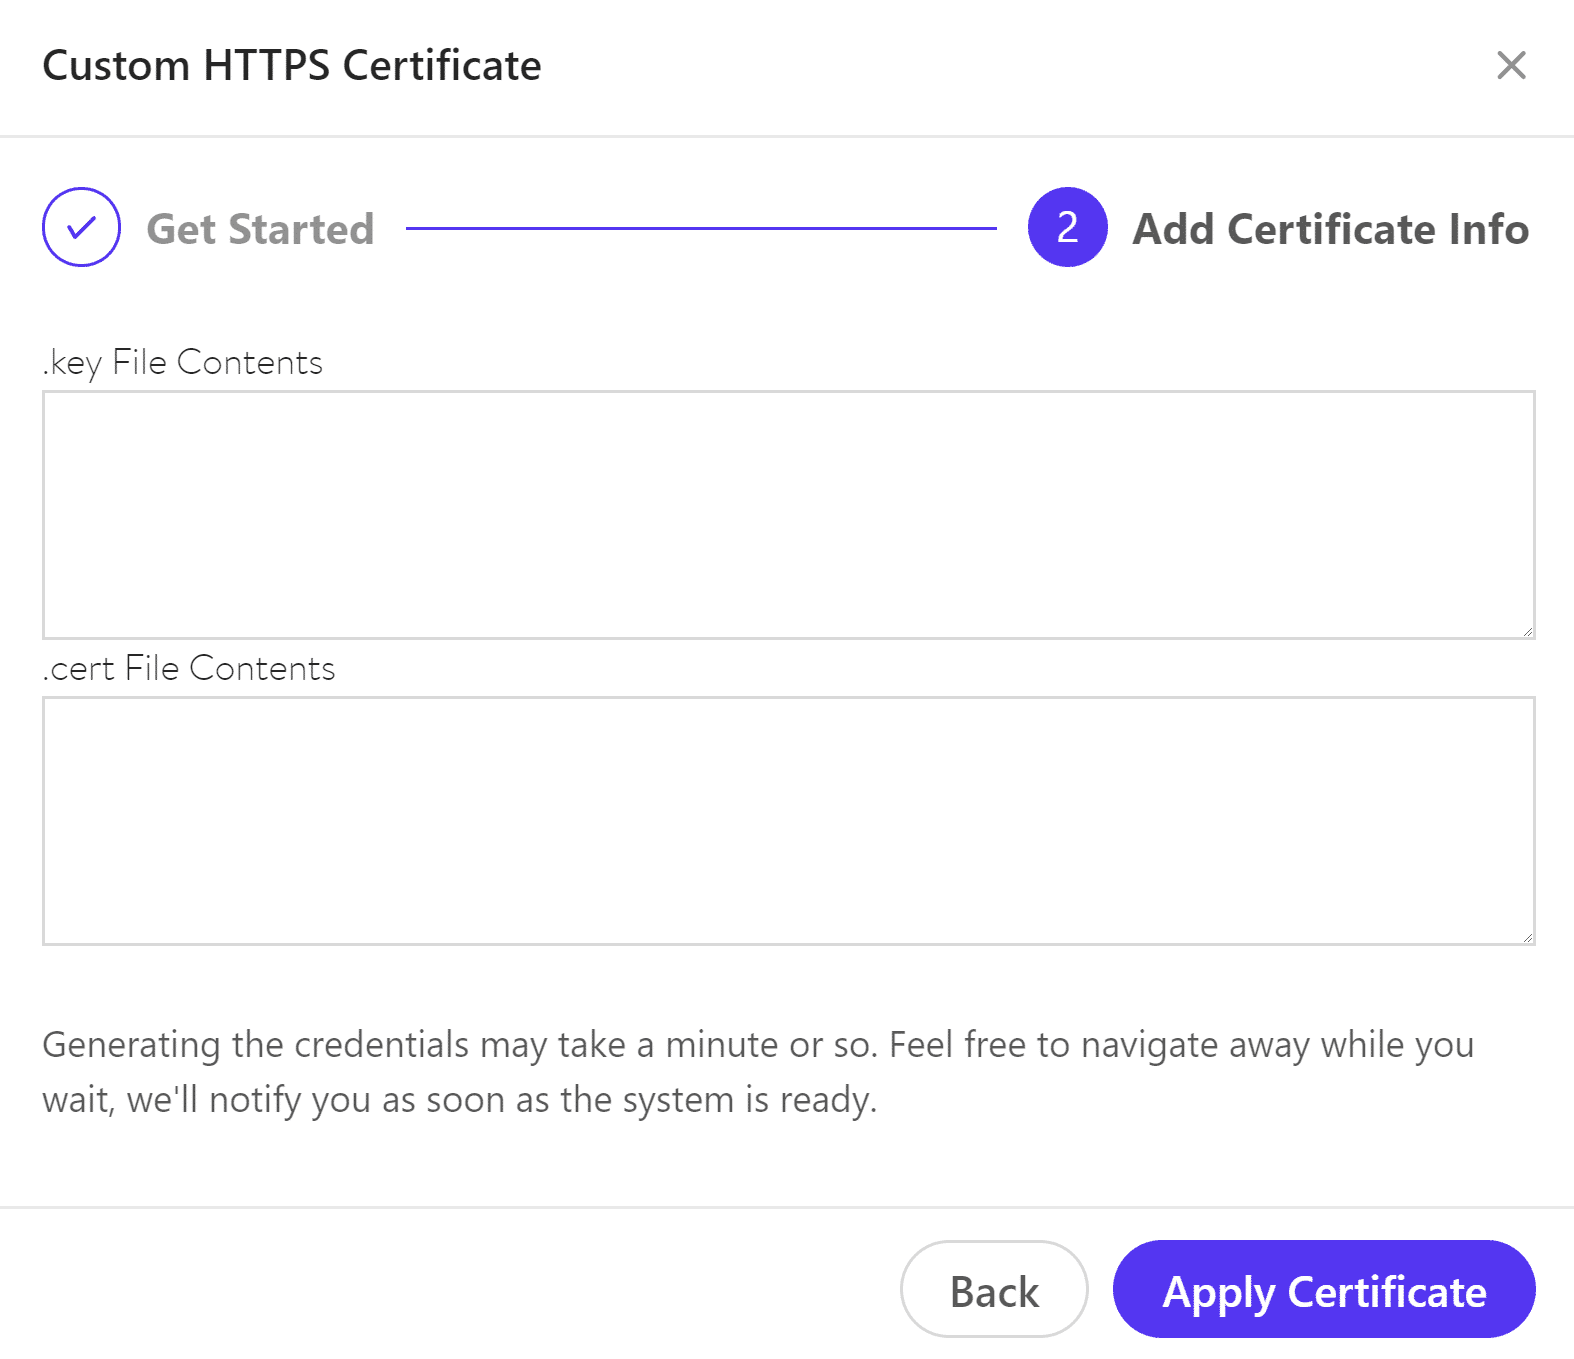 Tilføj certifikat